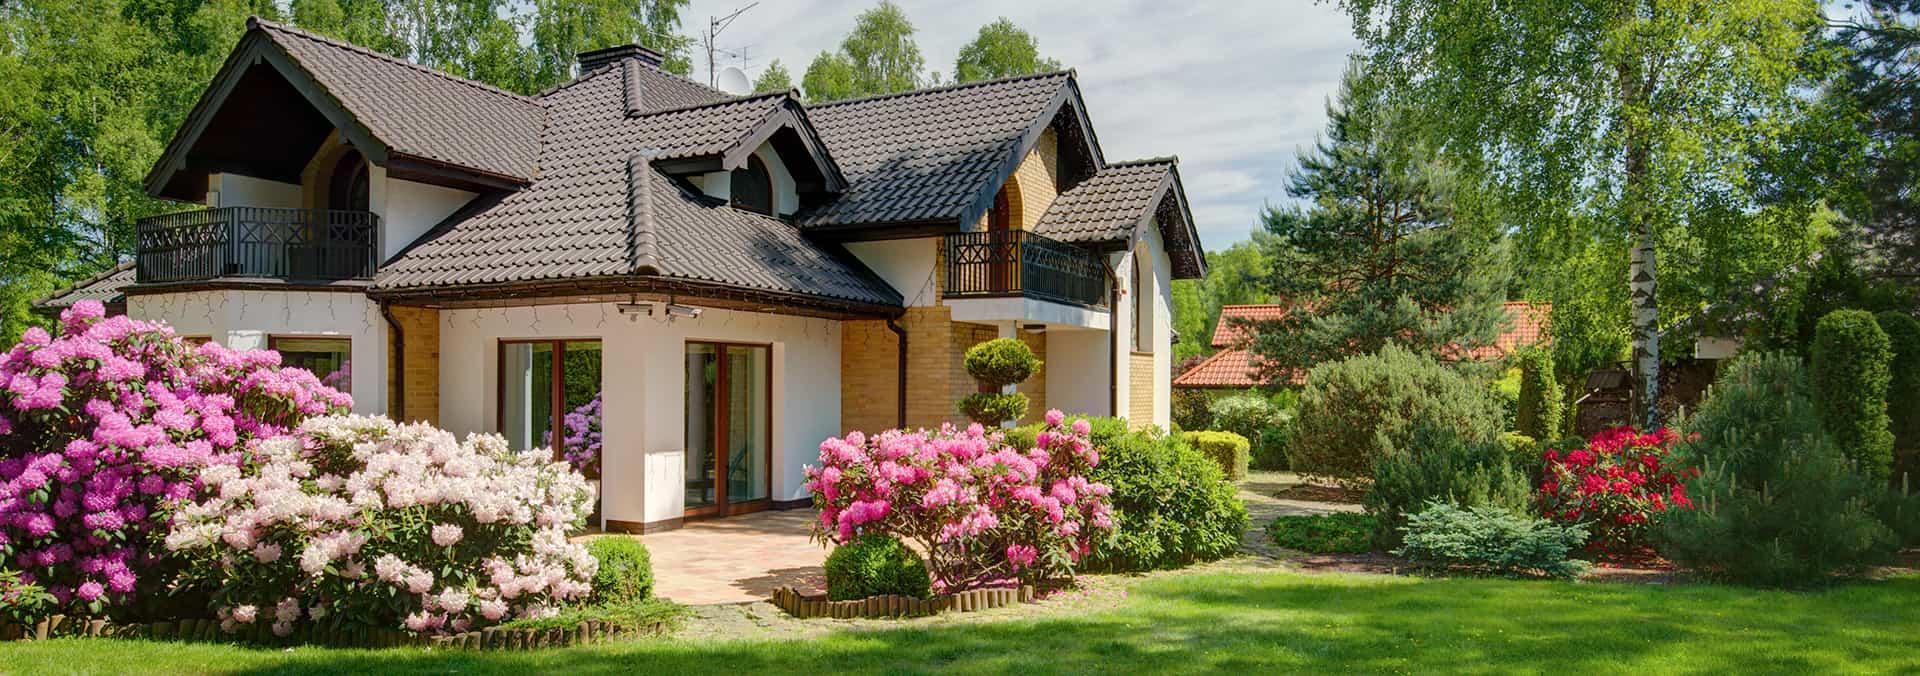 Vedlikehold av hus